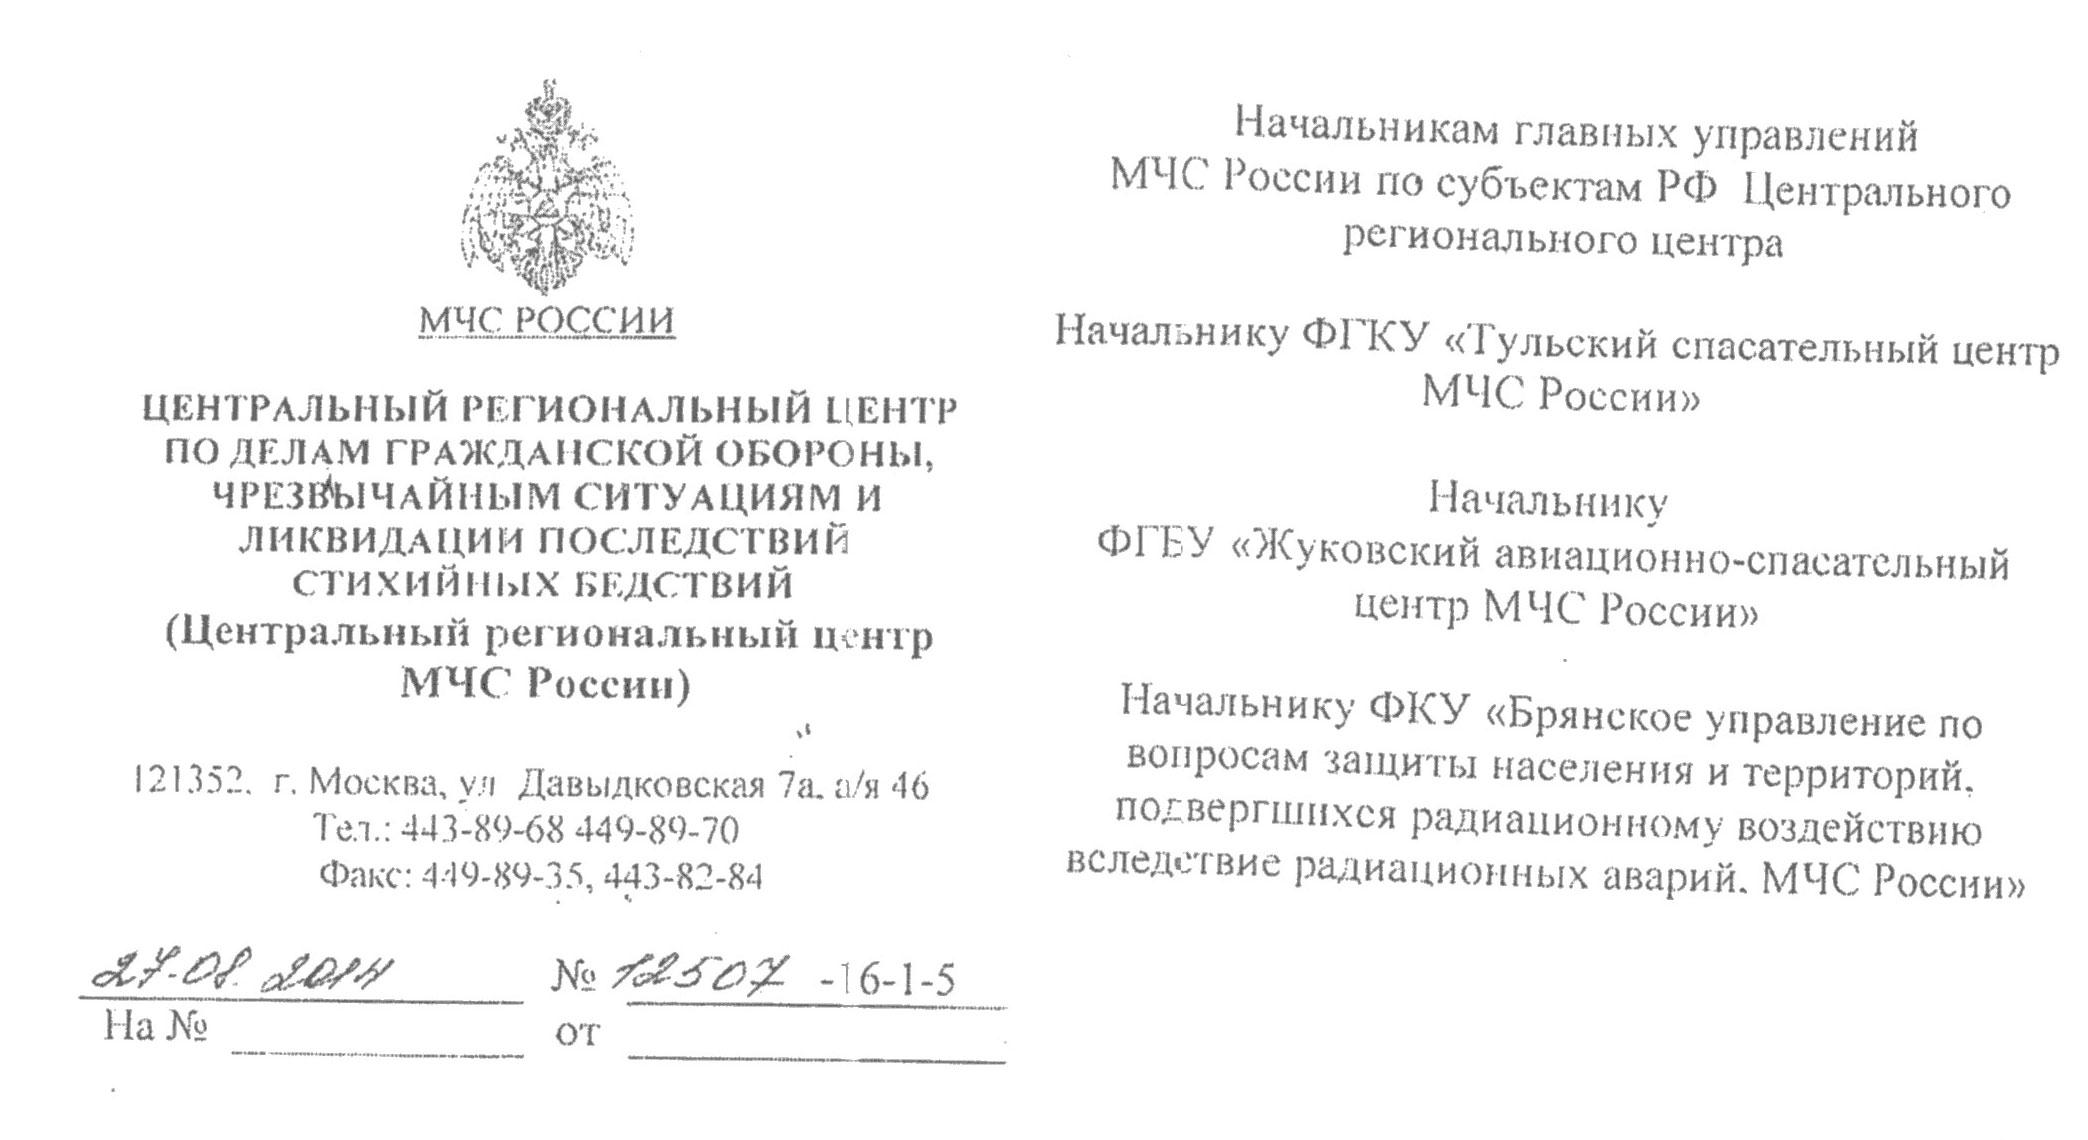 Письмо из МЧС РФ в региональные подразделения от 27.08.2014 касательно использования навесных вентилируемых фасадов